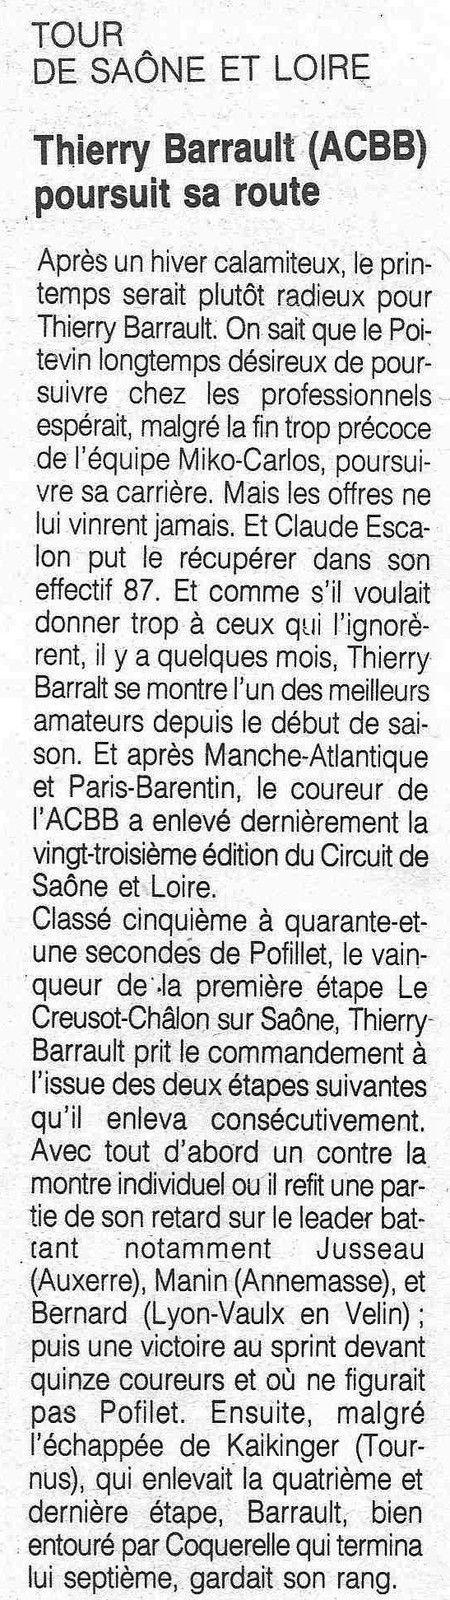 Les 3 Jours de Vendée 1988.